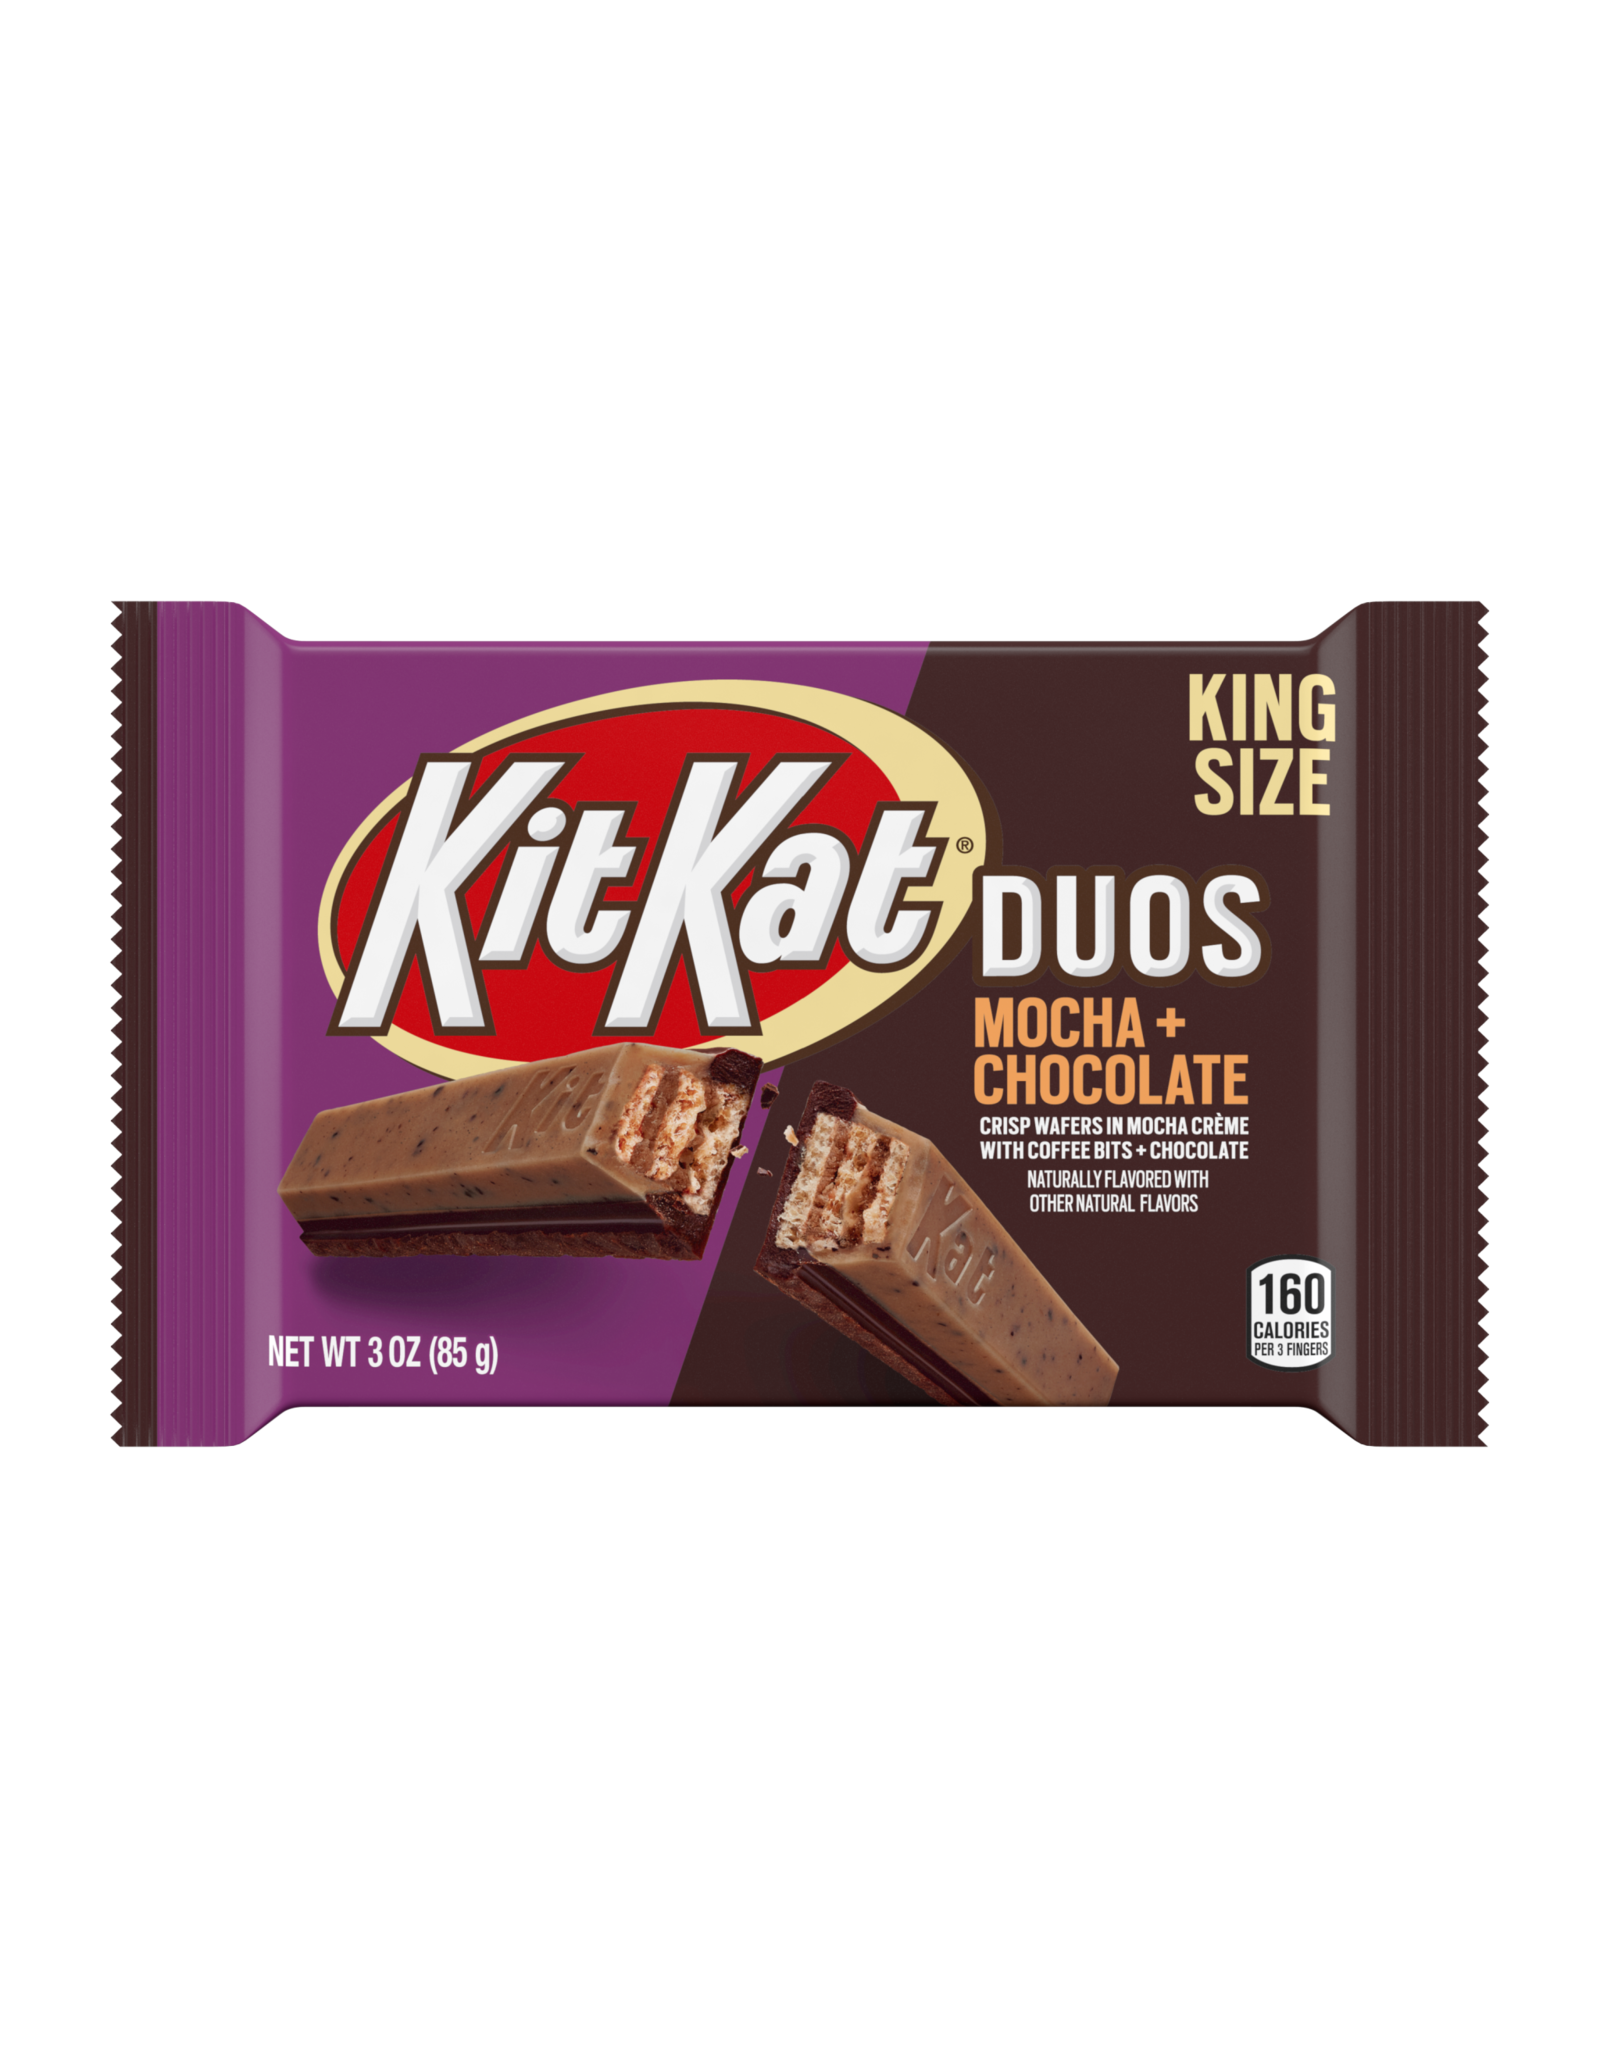 KitKat Duos Mocha + Chocolate Kingsize - 85g